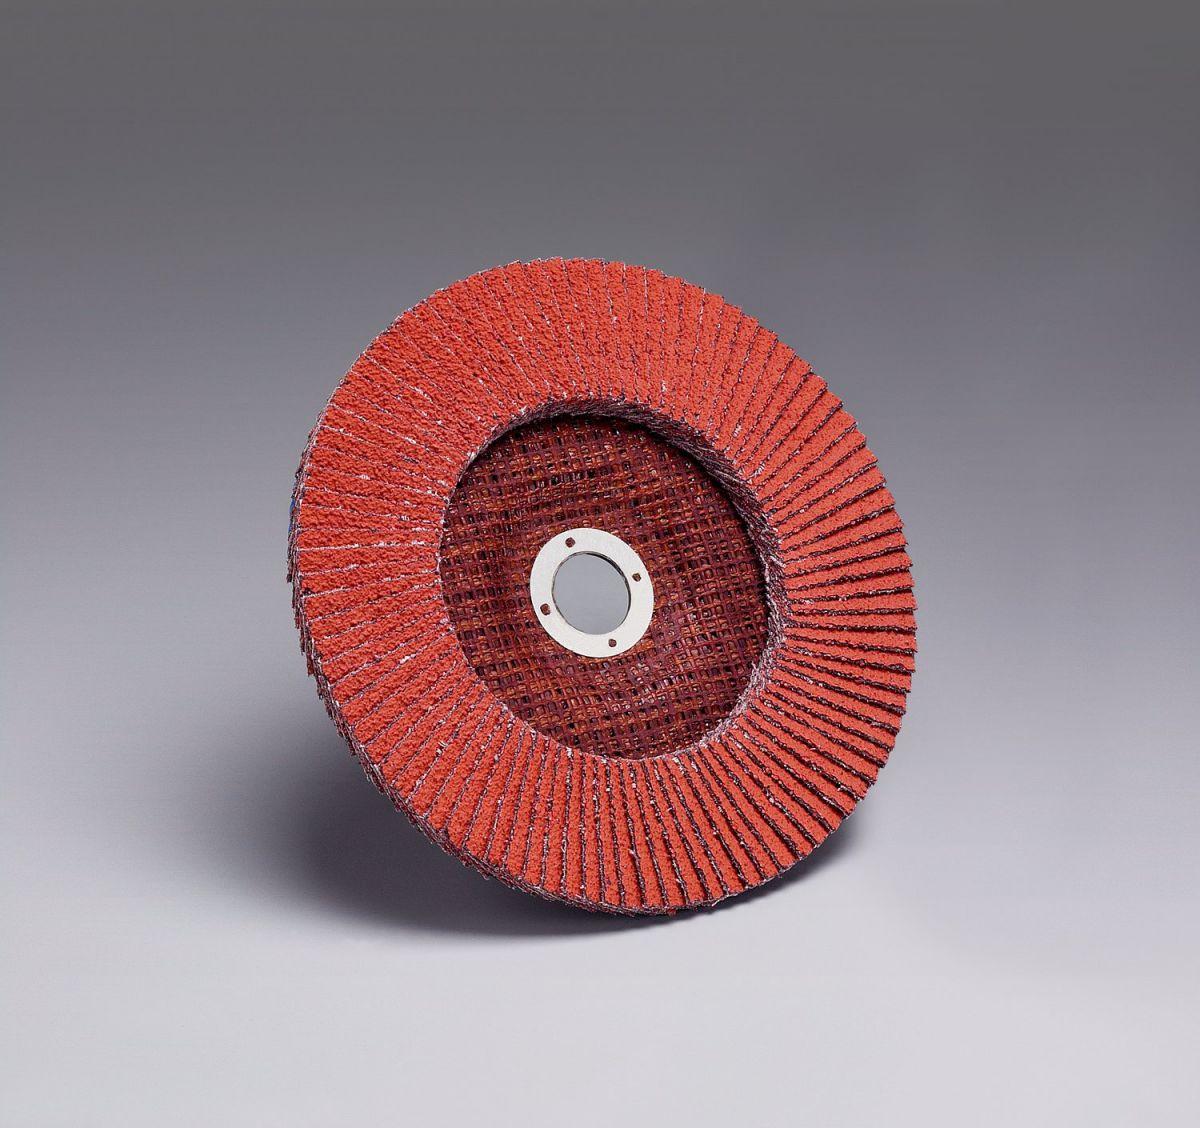 3m lamellenschijf 947d conisch rood 125 mm p60